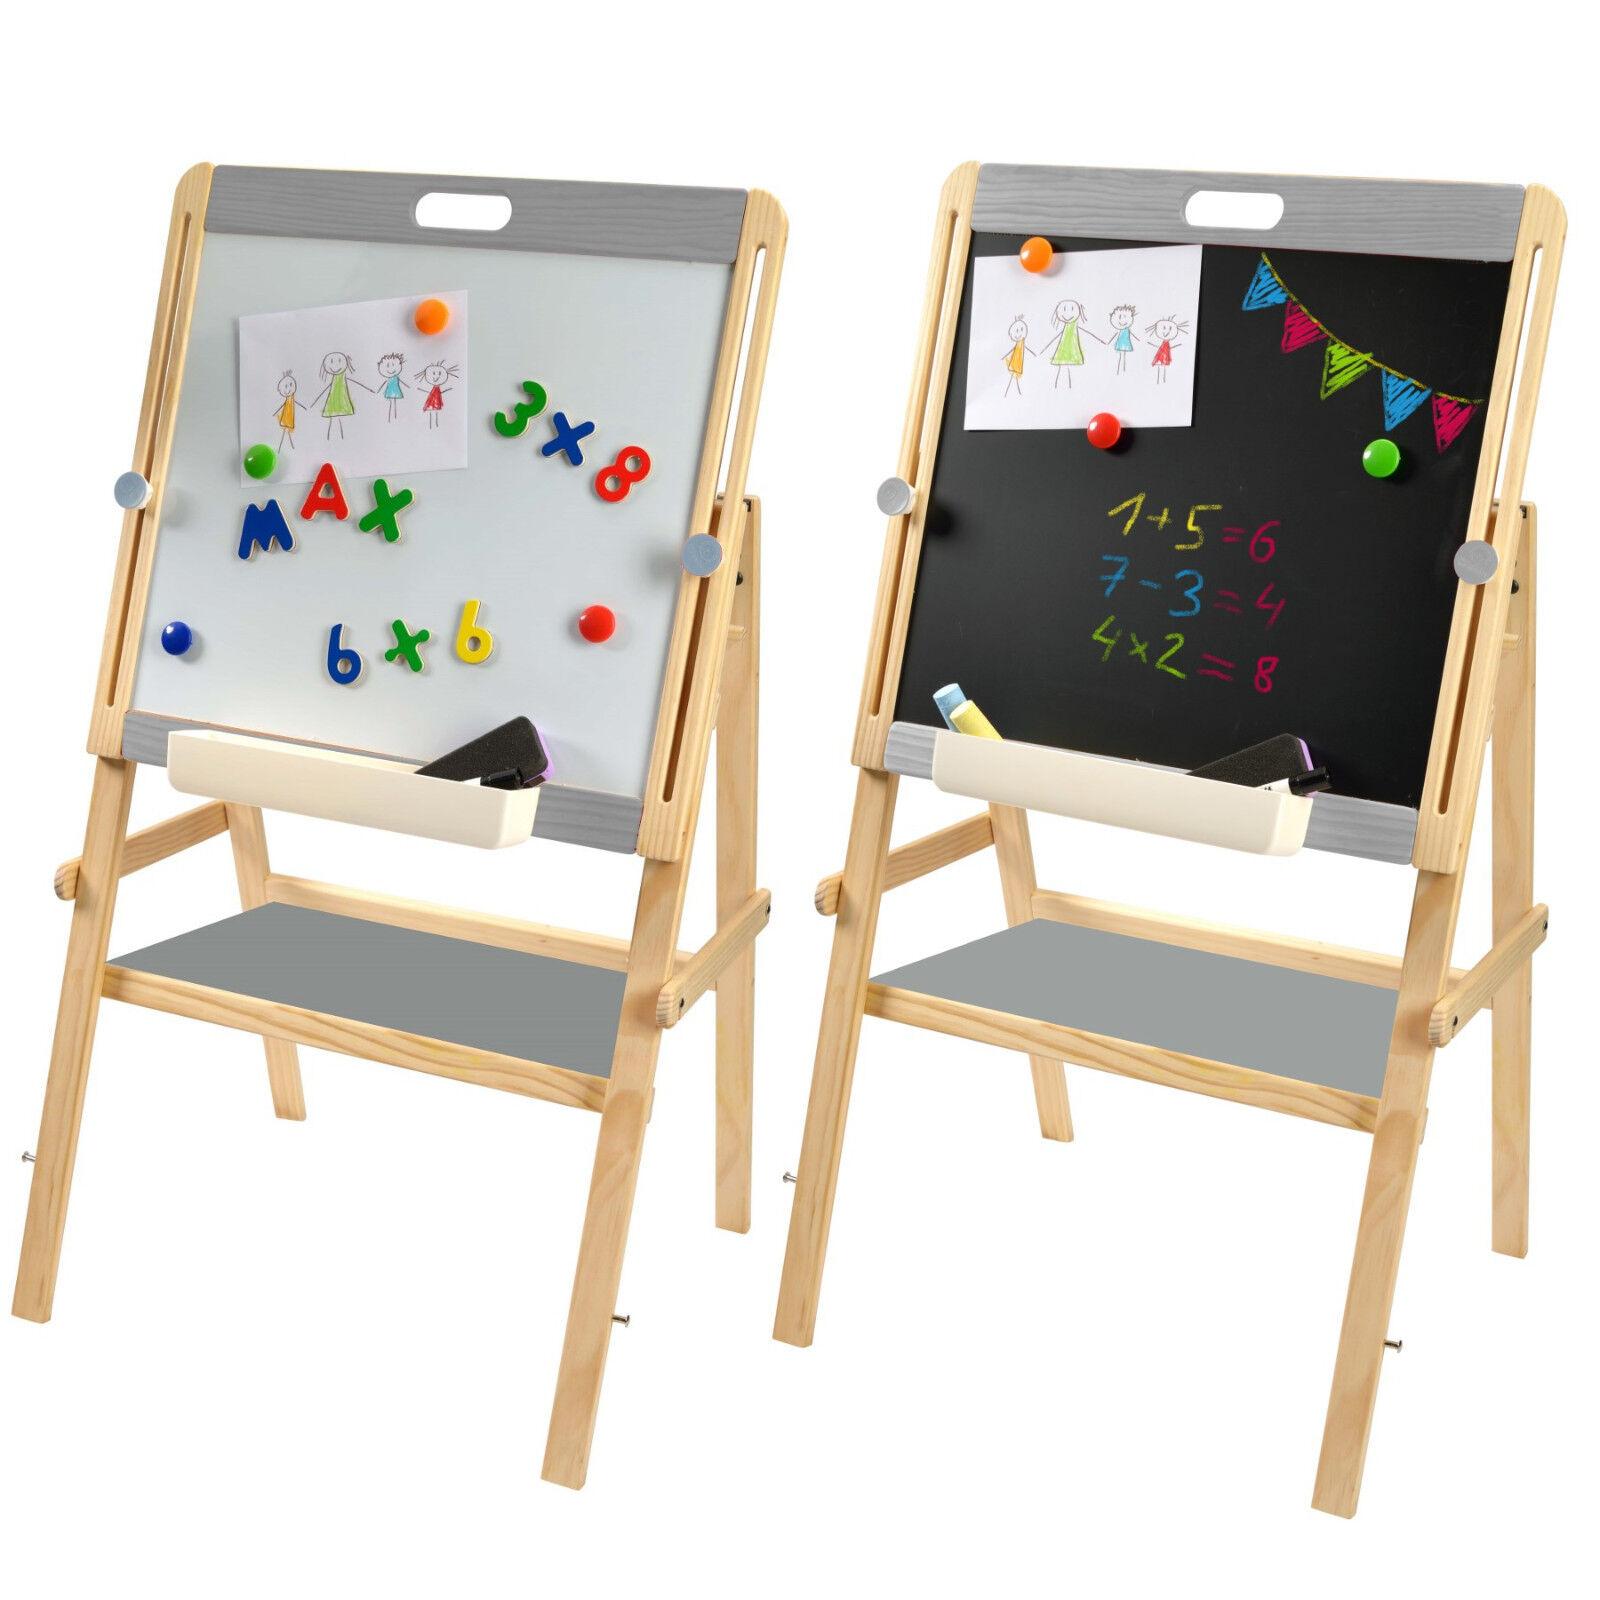 Standtafel Standkindertafel Papierrolle Kindertafel Schreibtafel Maltafel Tafel    Rich-pünktliche Lieferung